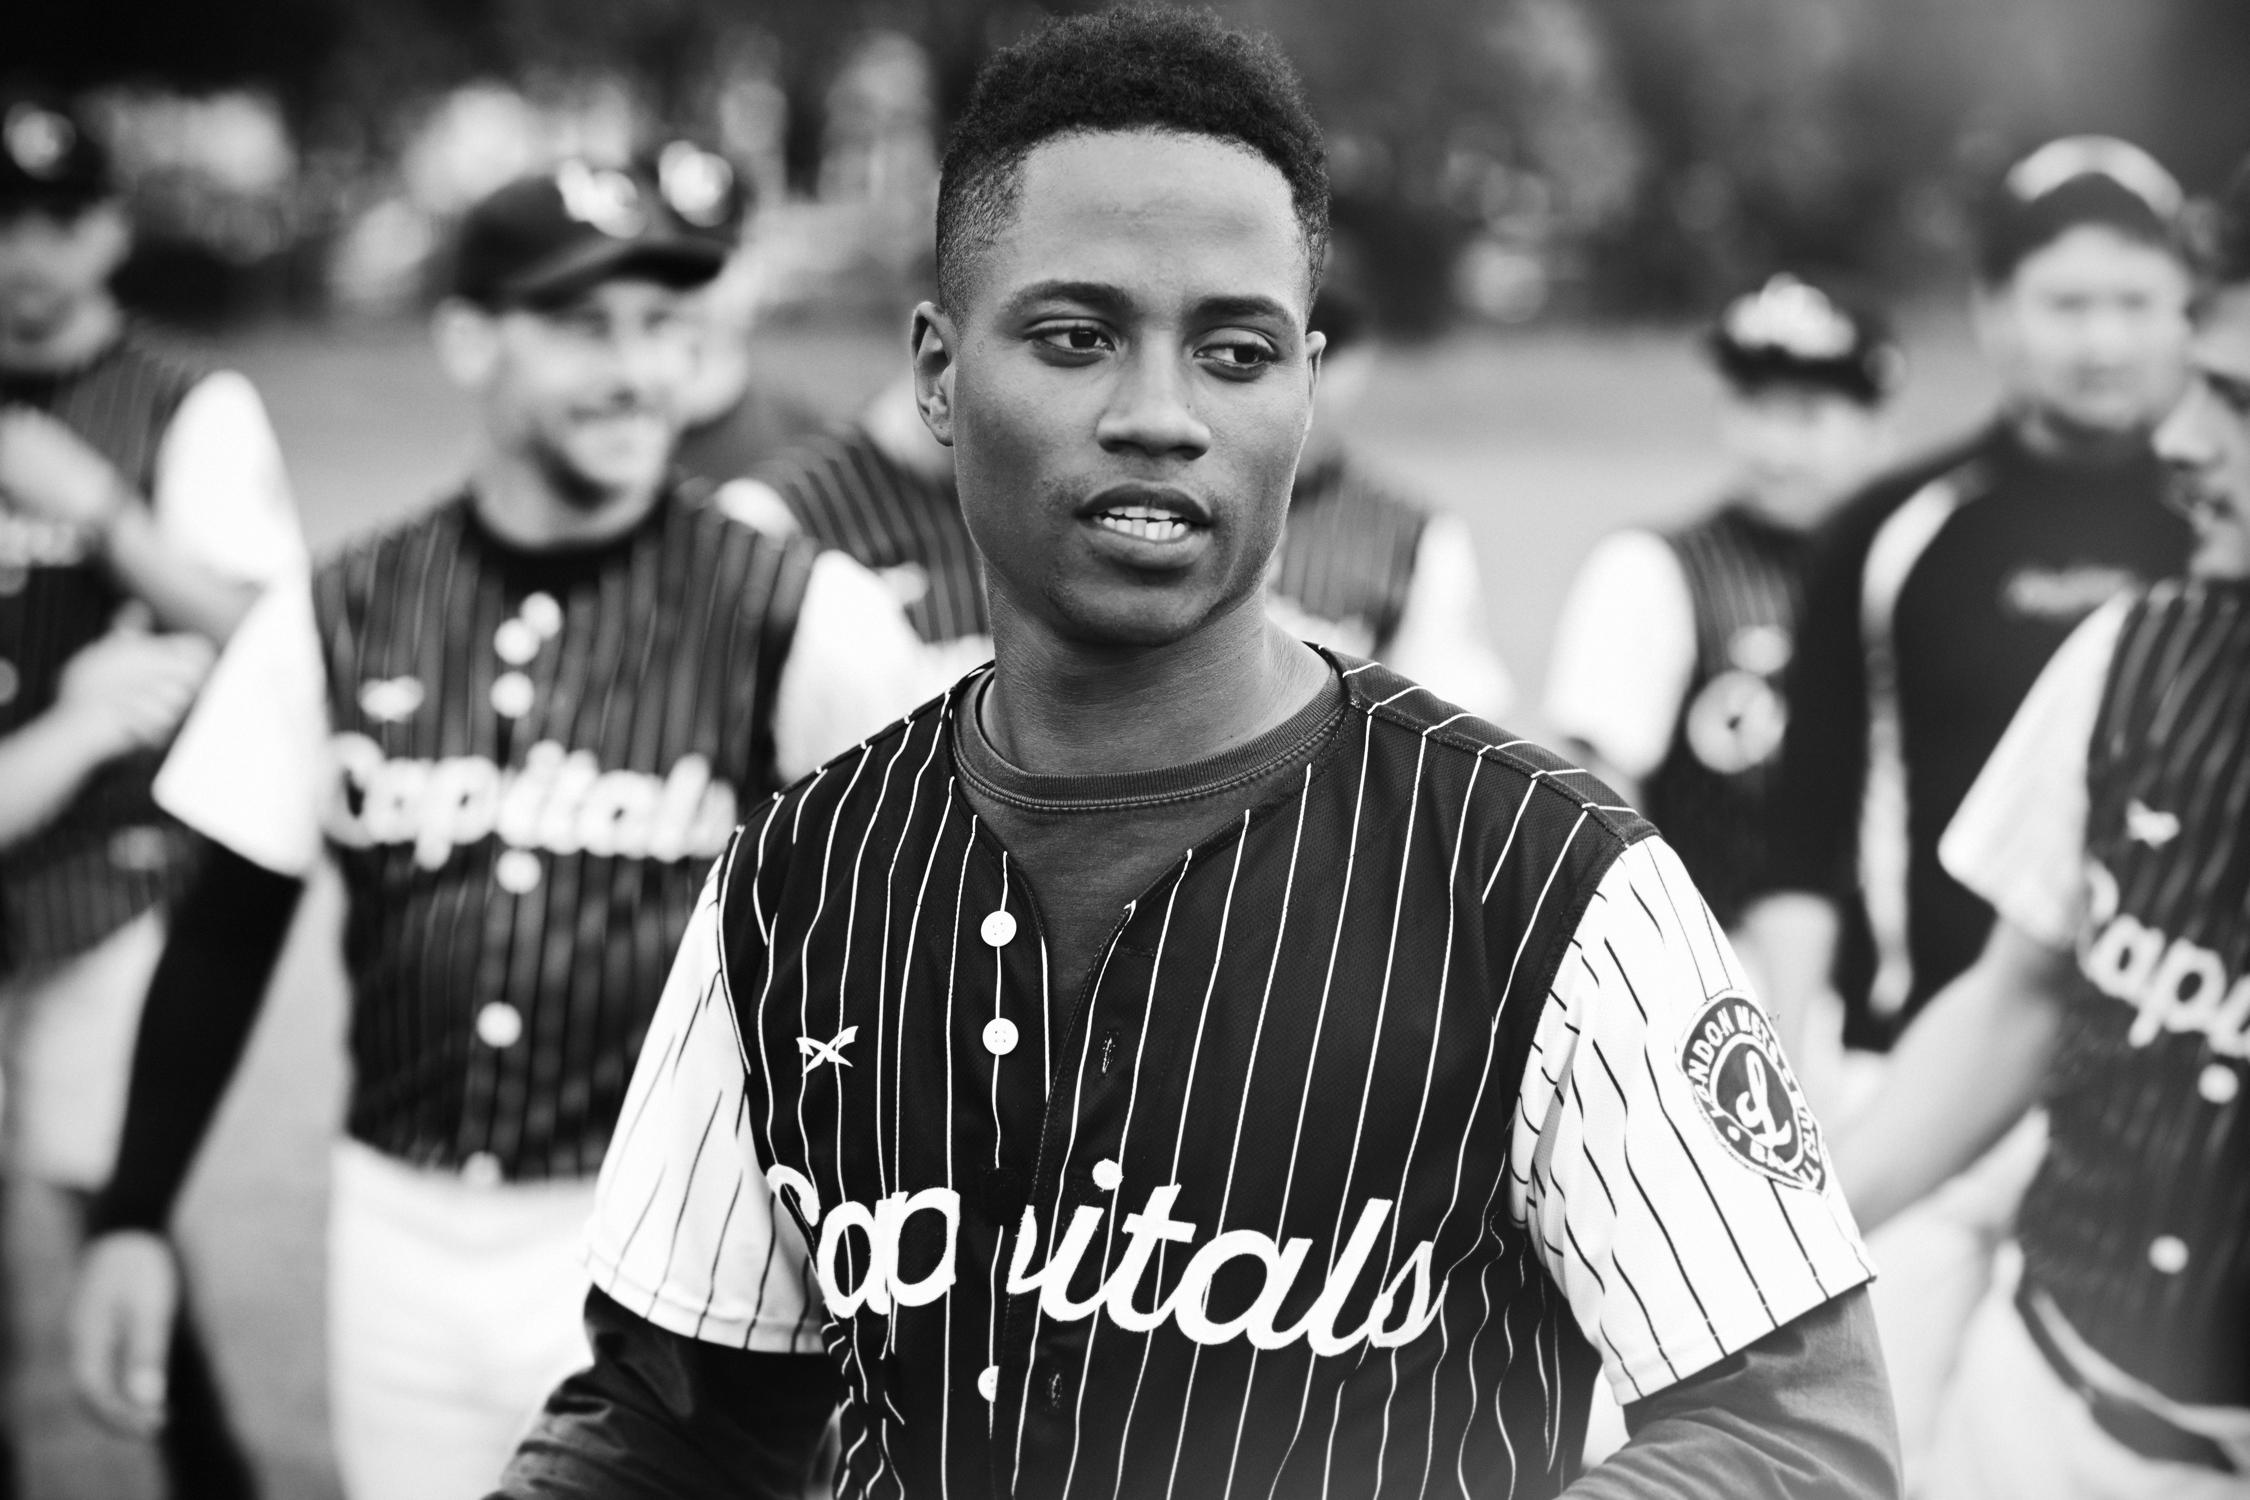 Mets Capitals Baseball Team4